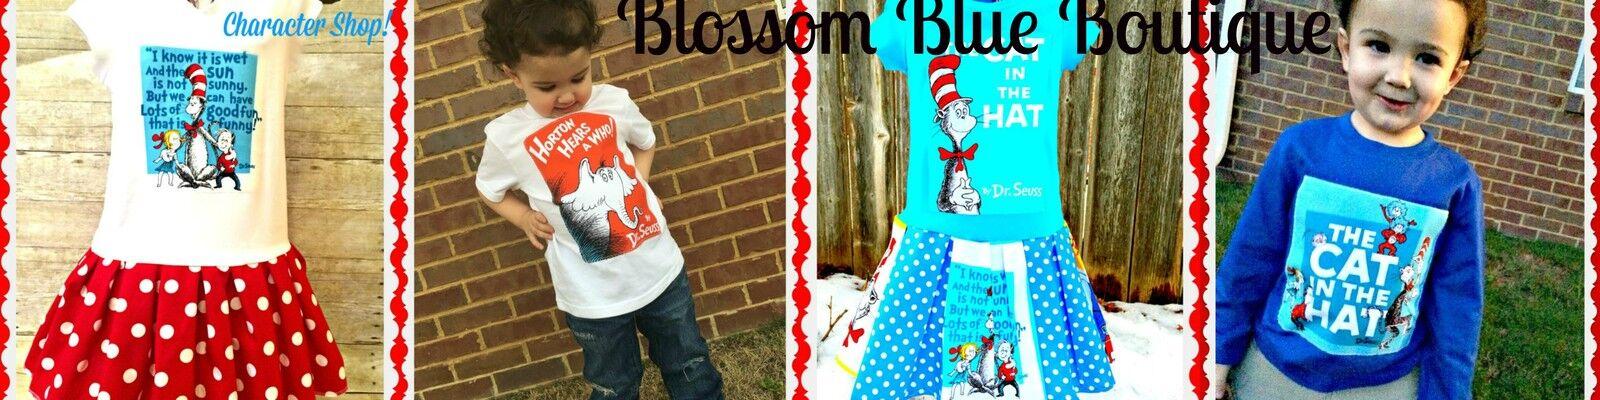 BlossomBlueBoutique